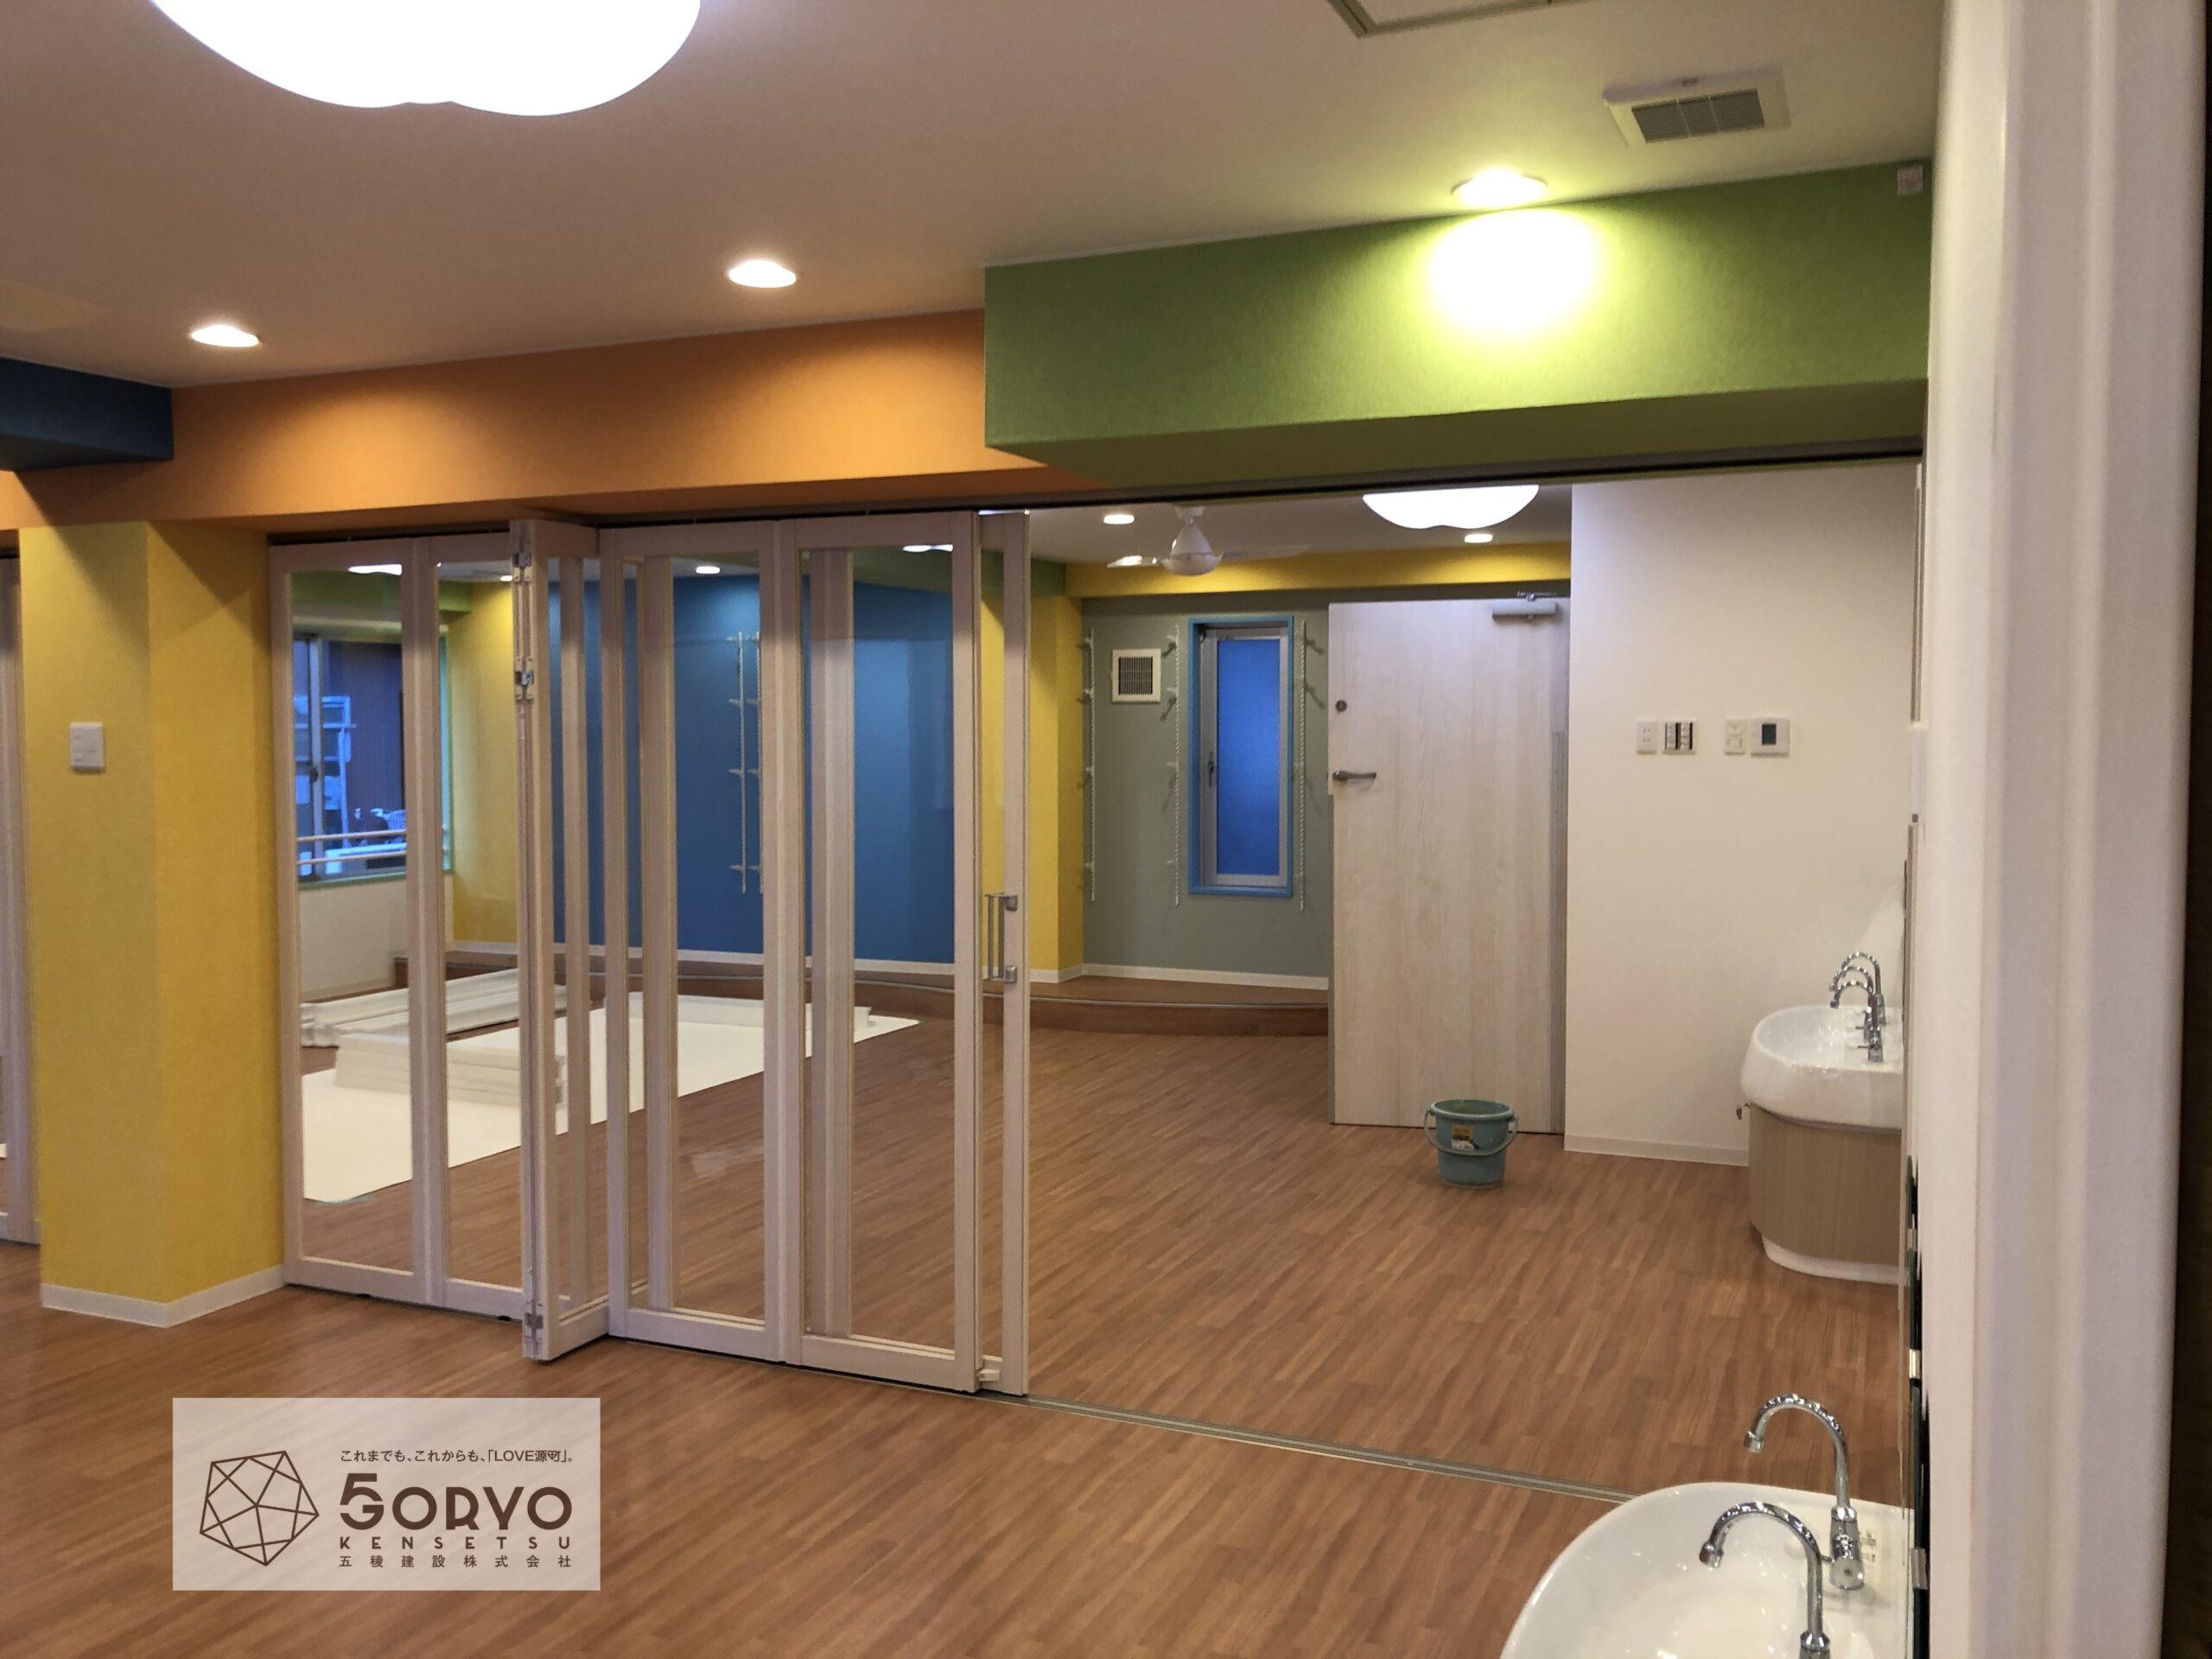 千葉市美浜区ビルを保育園へリノベーション、遊戯室part2:施工後